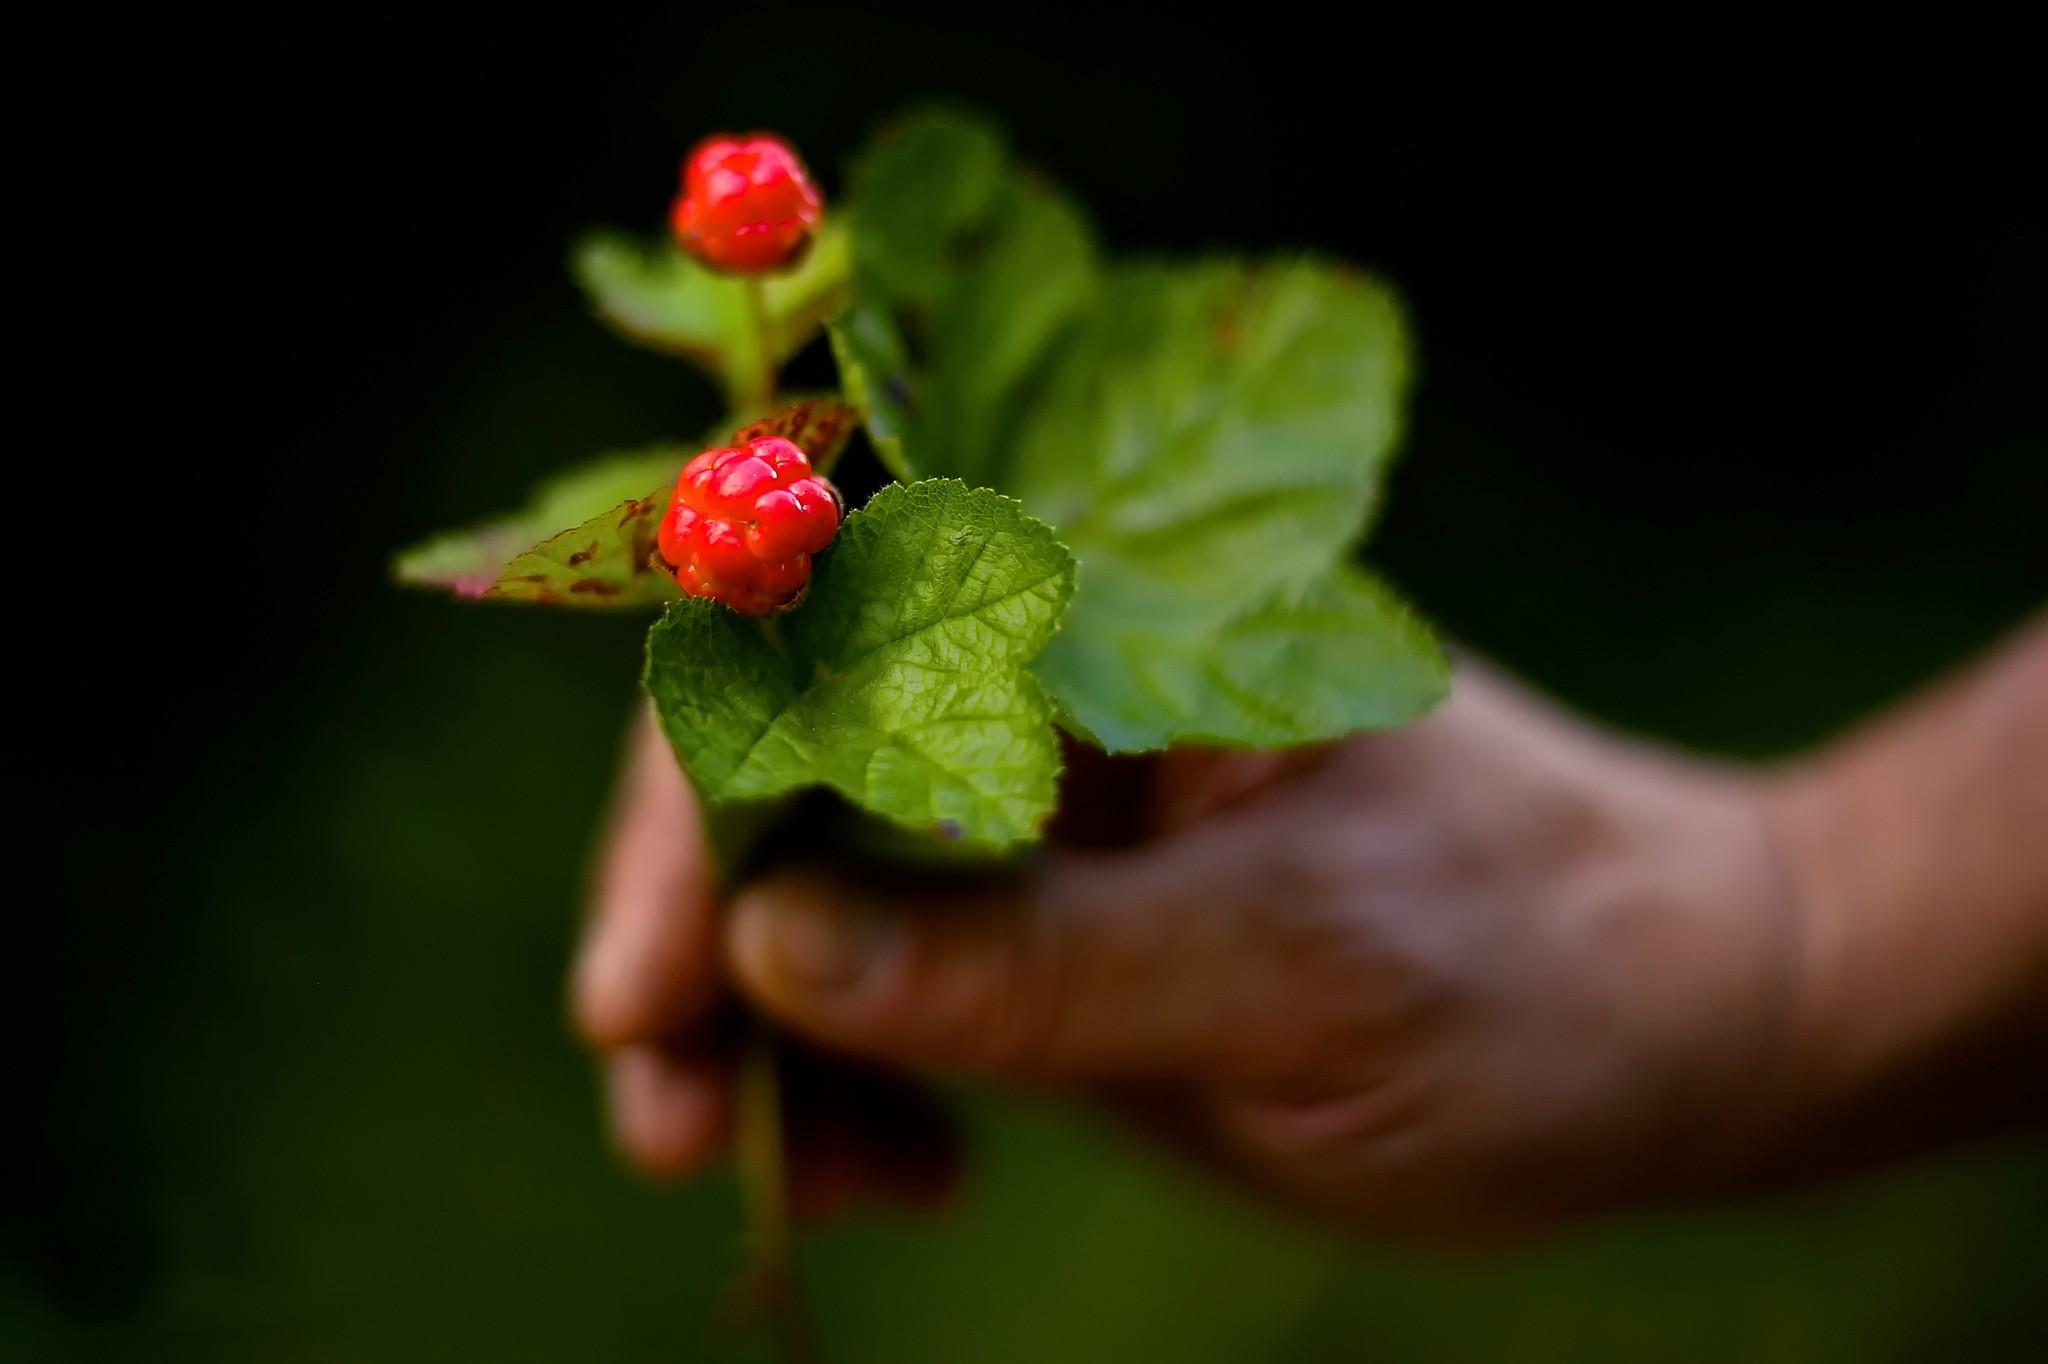 plants berries hands fruit